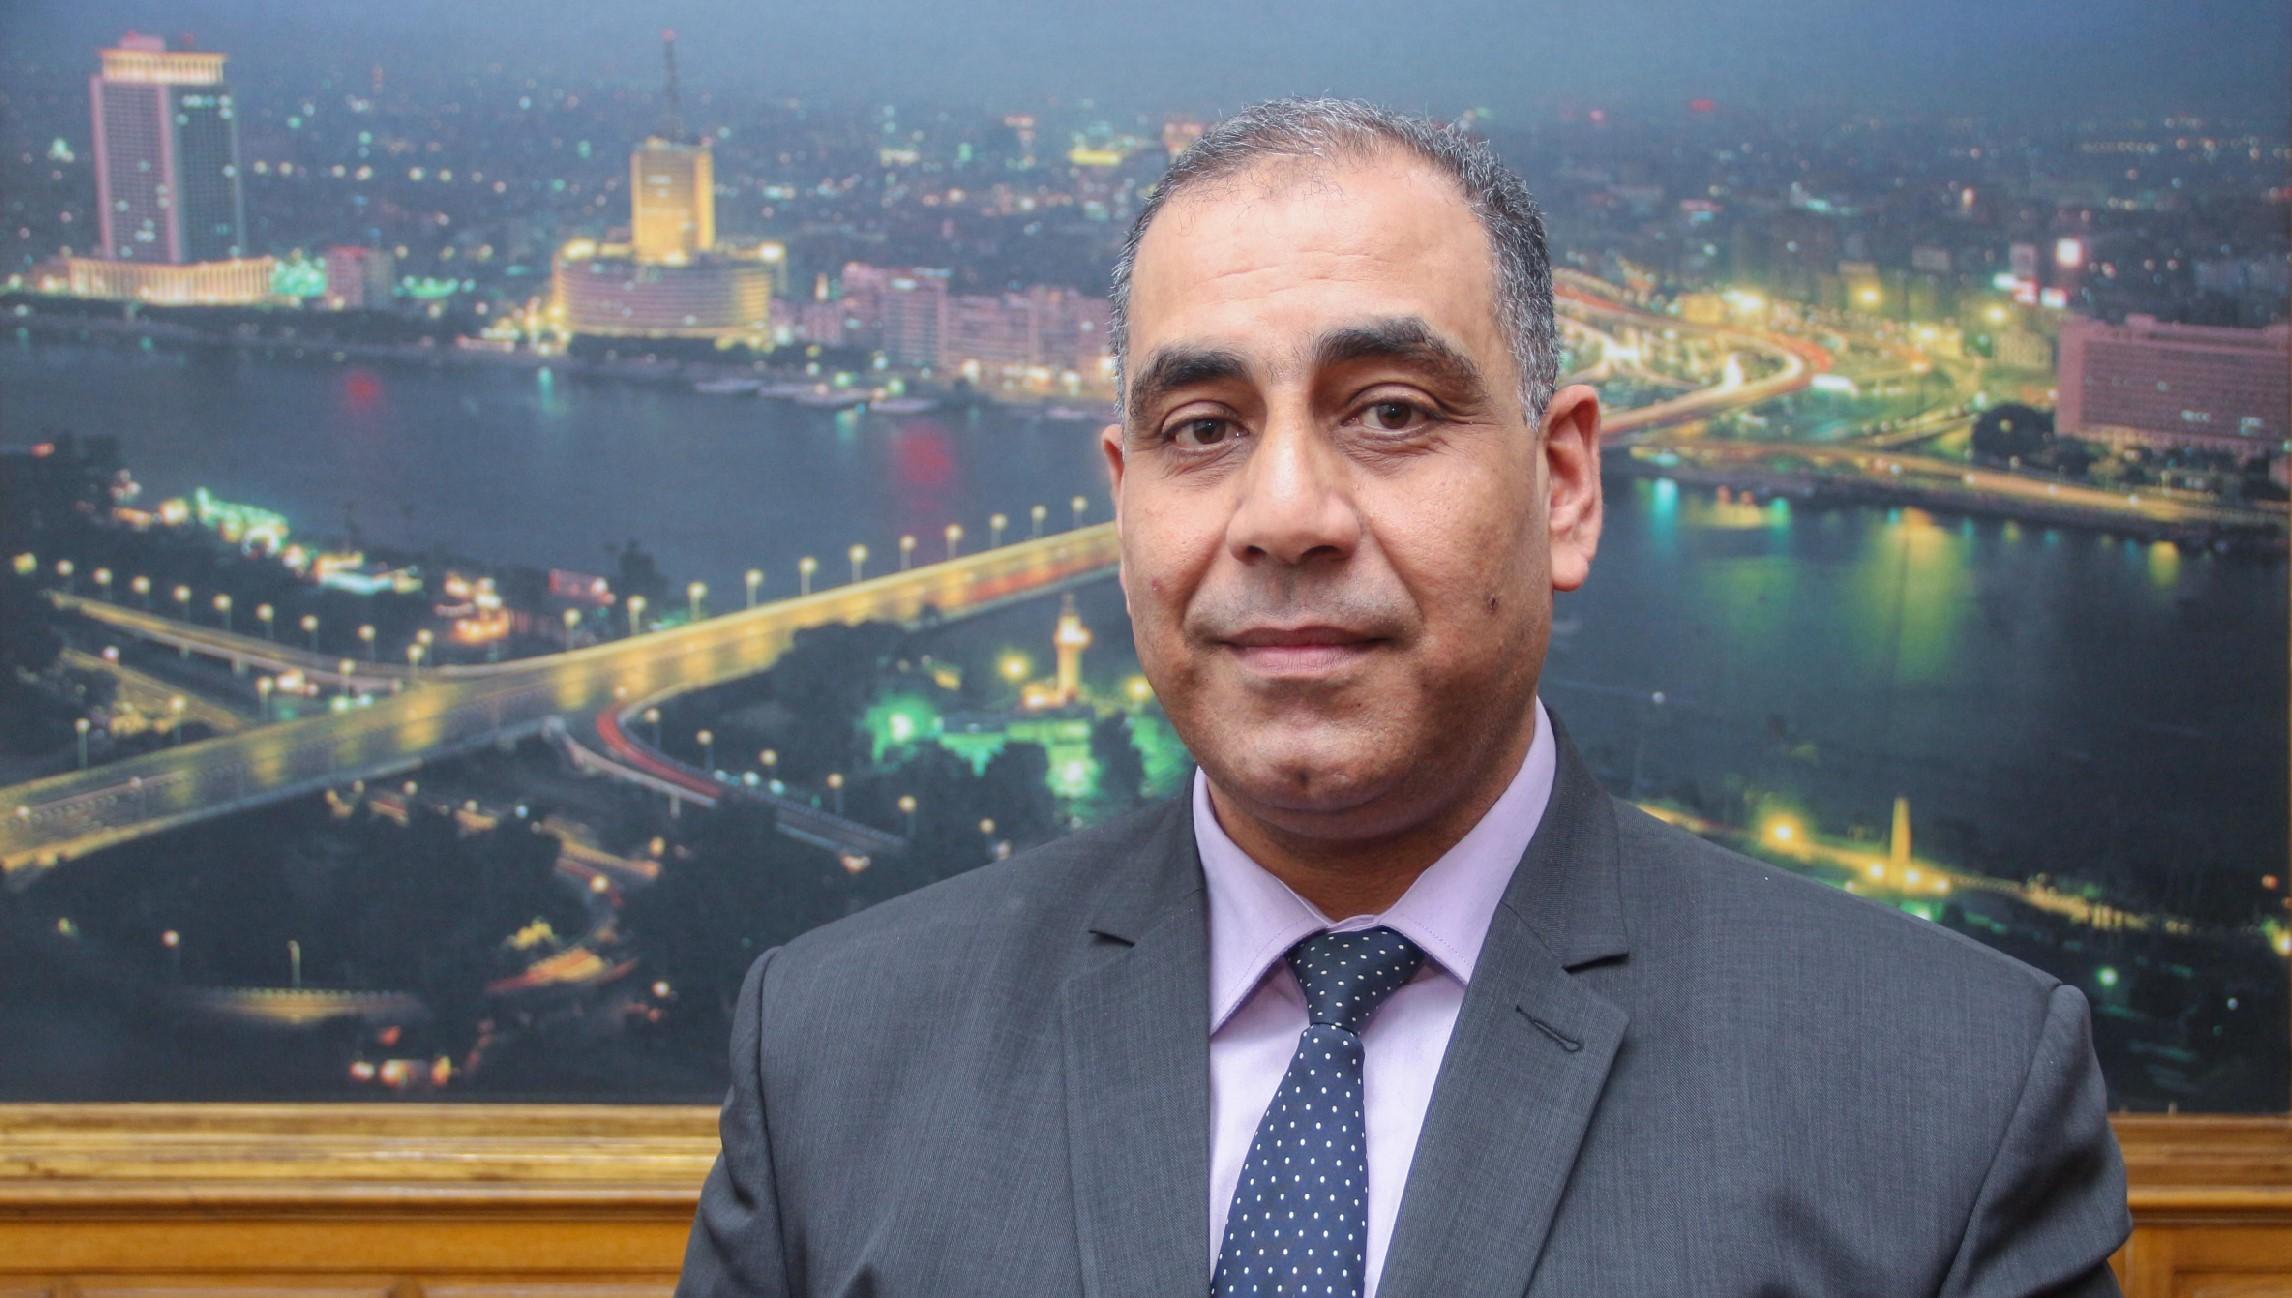 اللواء محمد حنفي الرئيس الجديد لحي عابدين - تصوير صديق البخشونجي